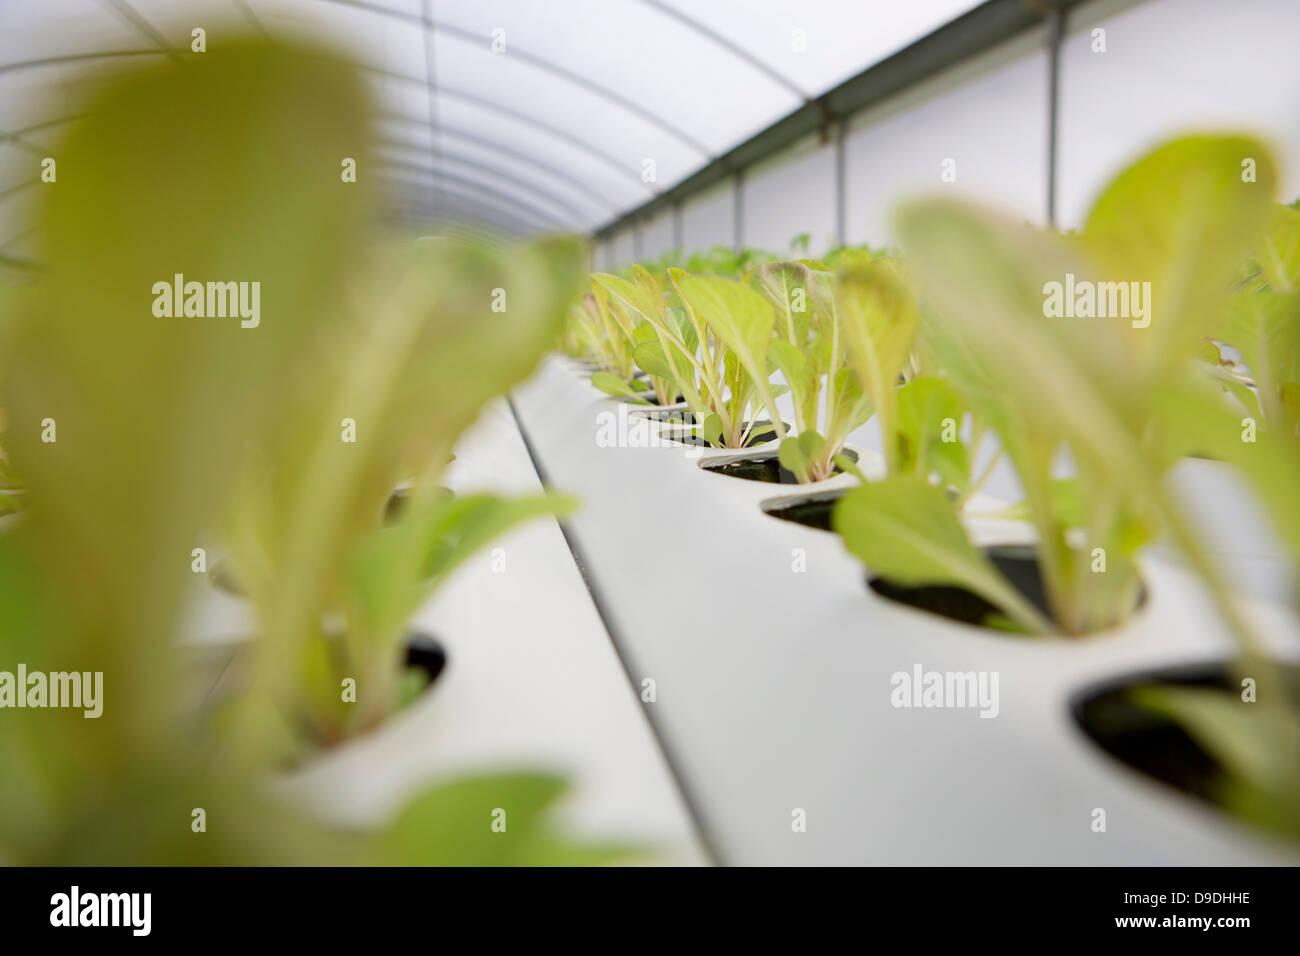 Feuilles de laitue en pépinière en pleine croissance Photo Stock